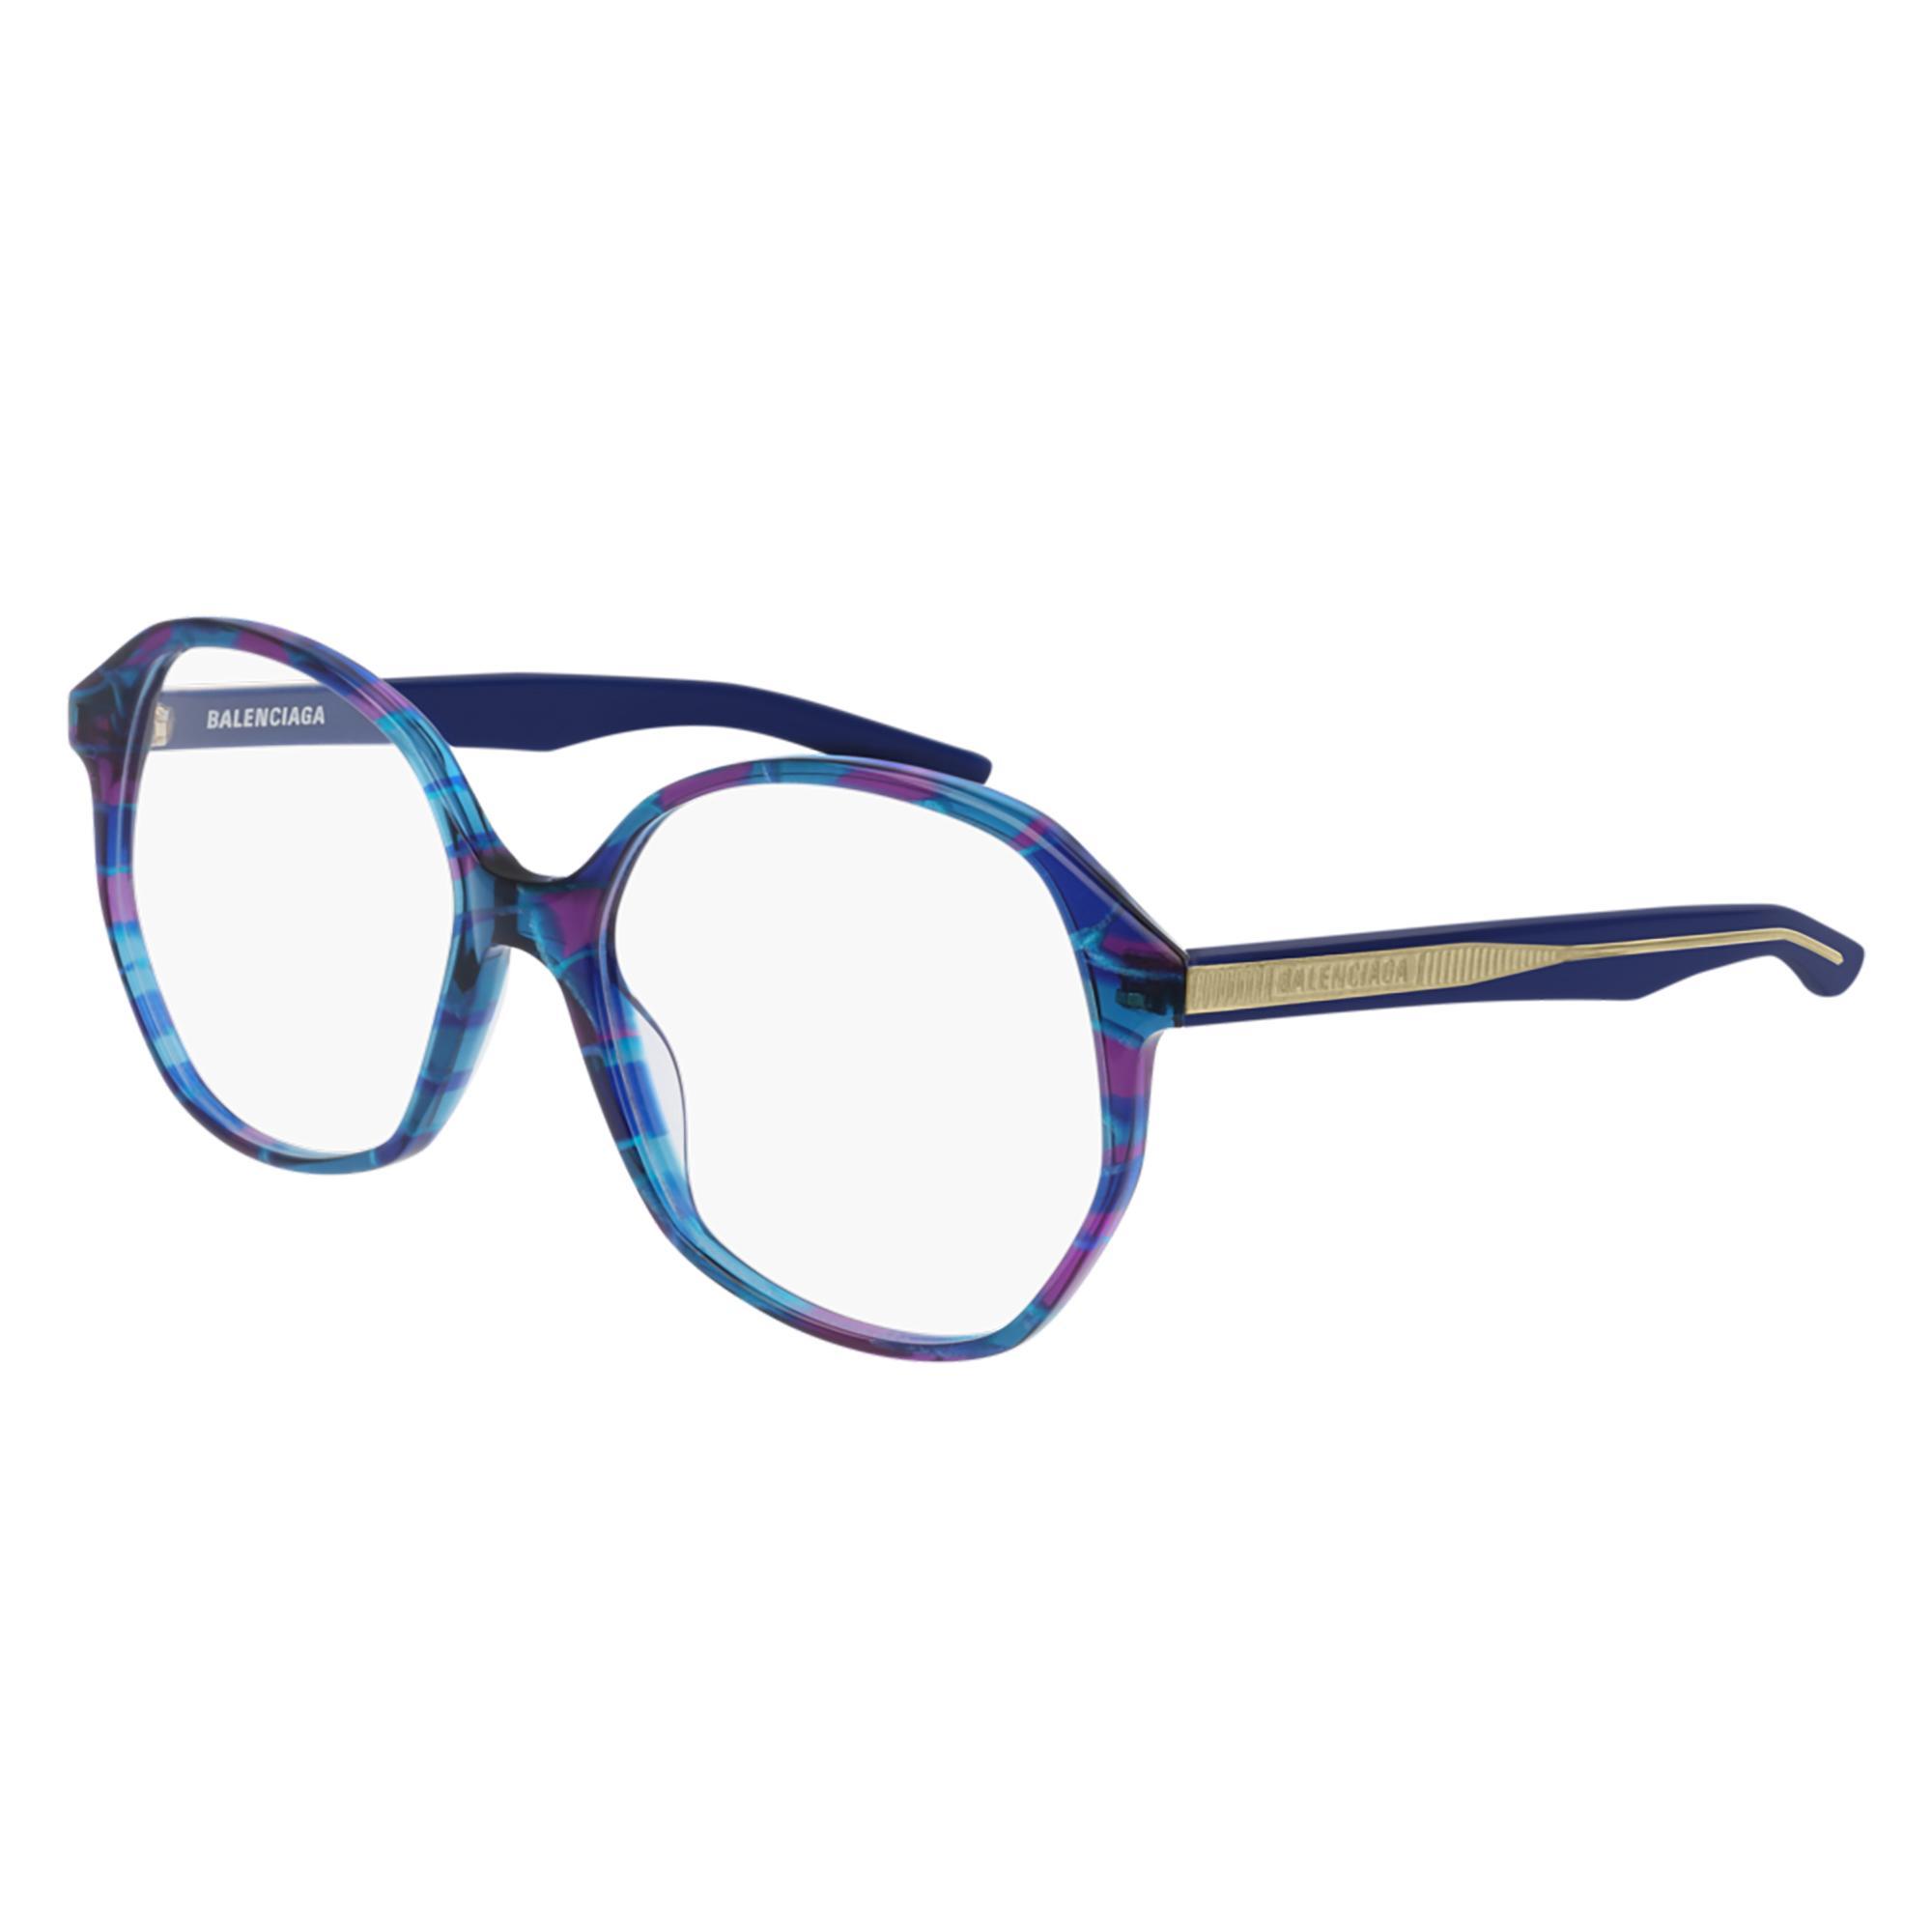 004 multicolor light blue